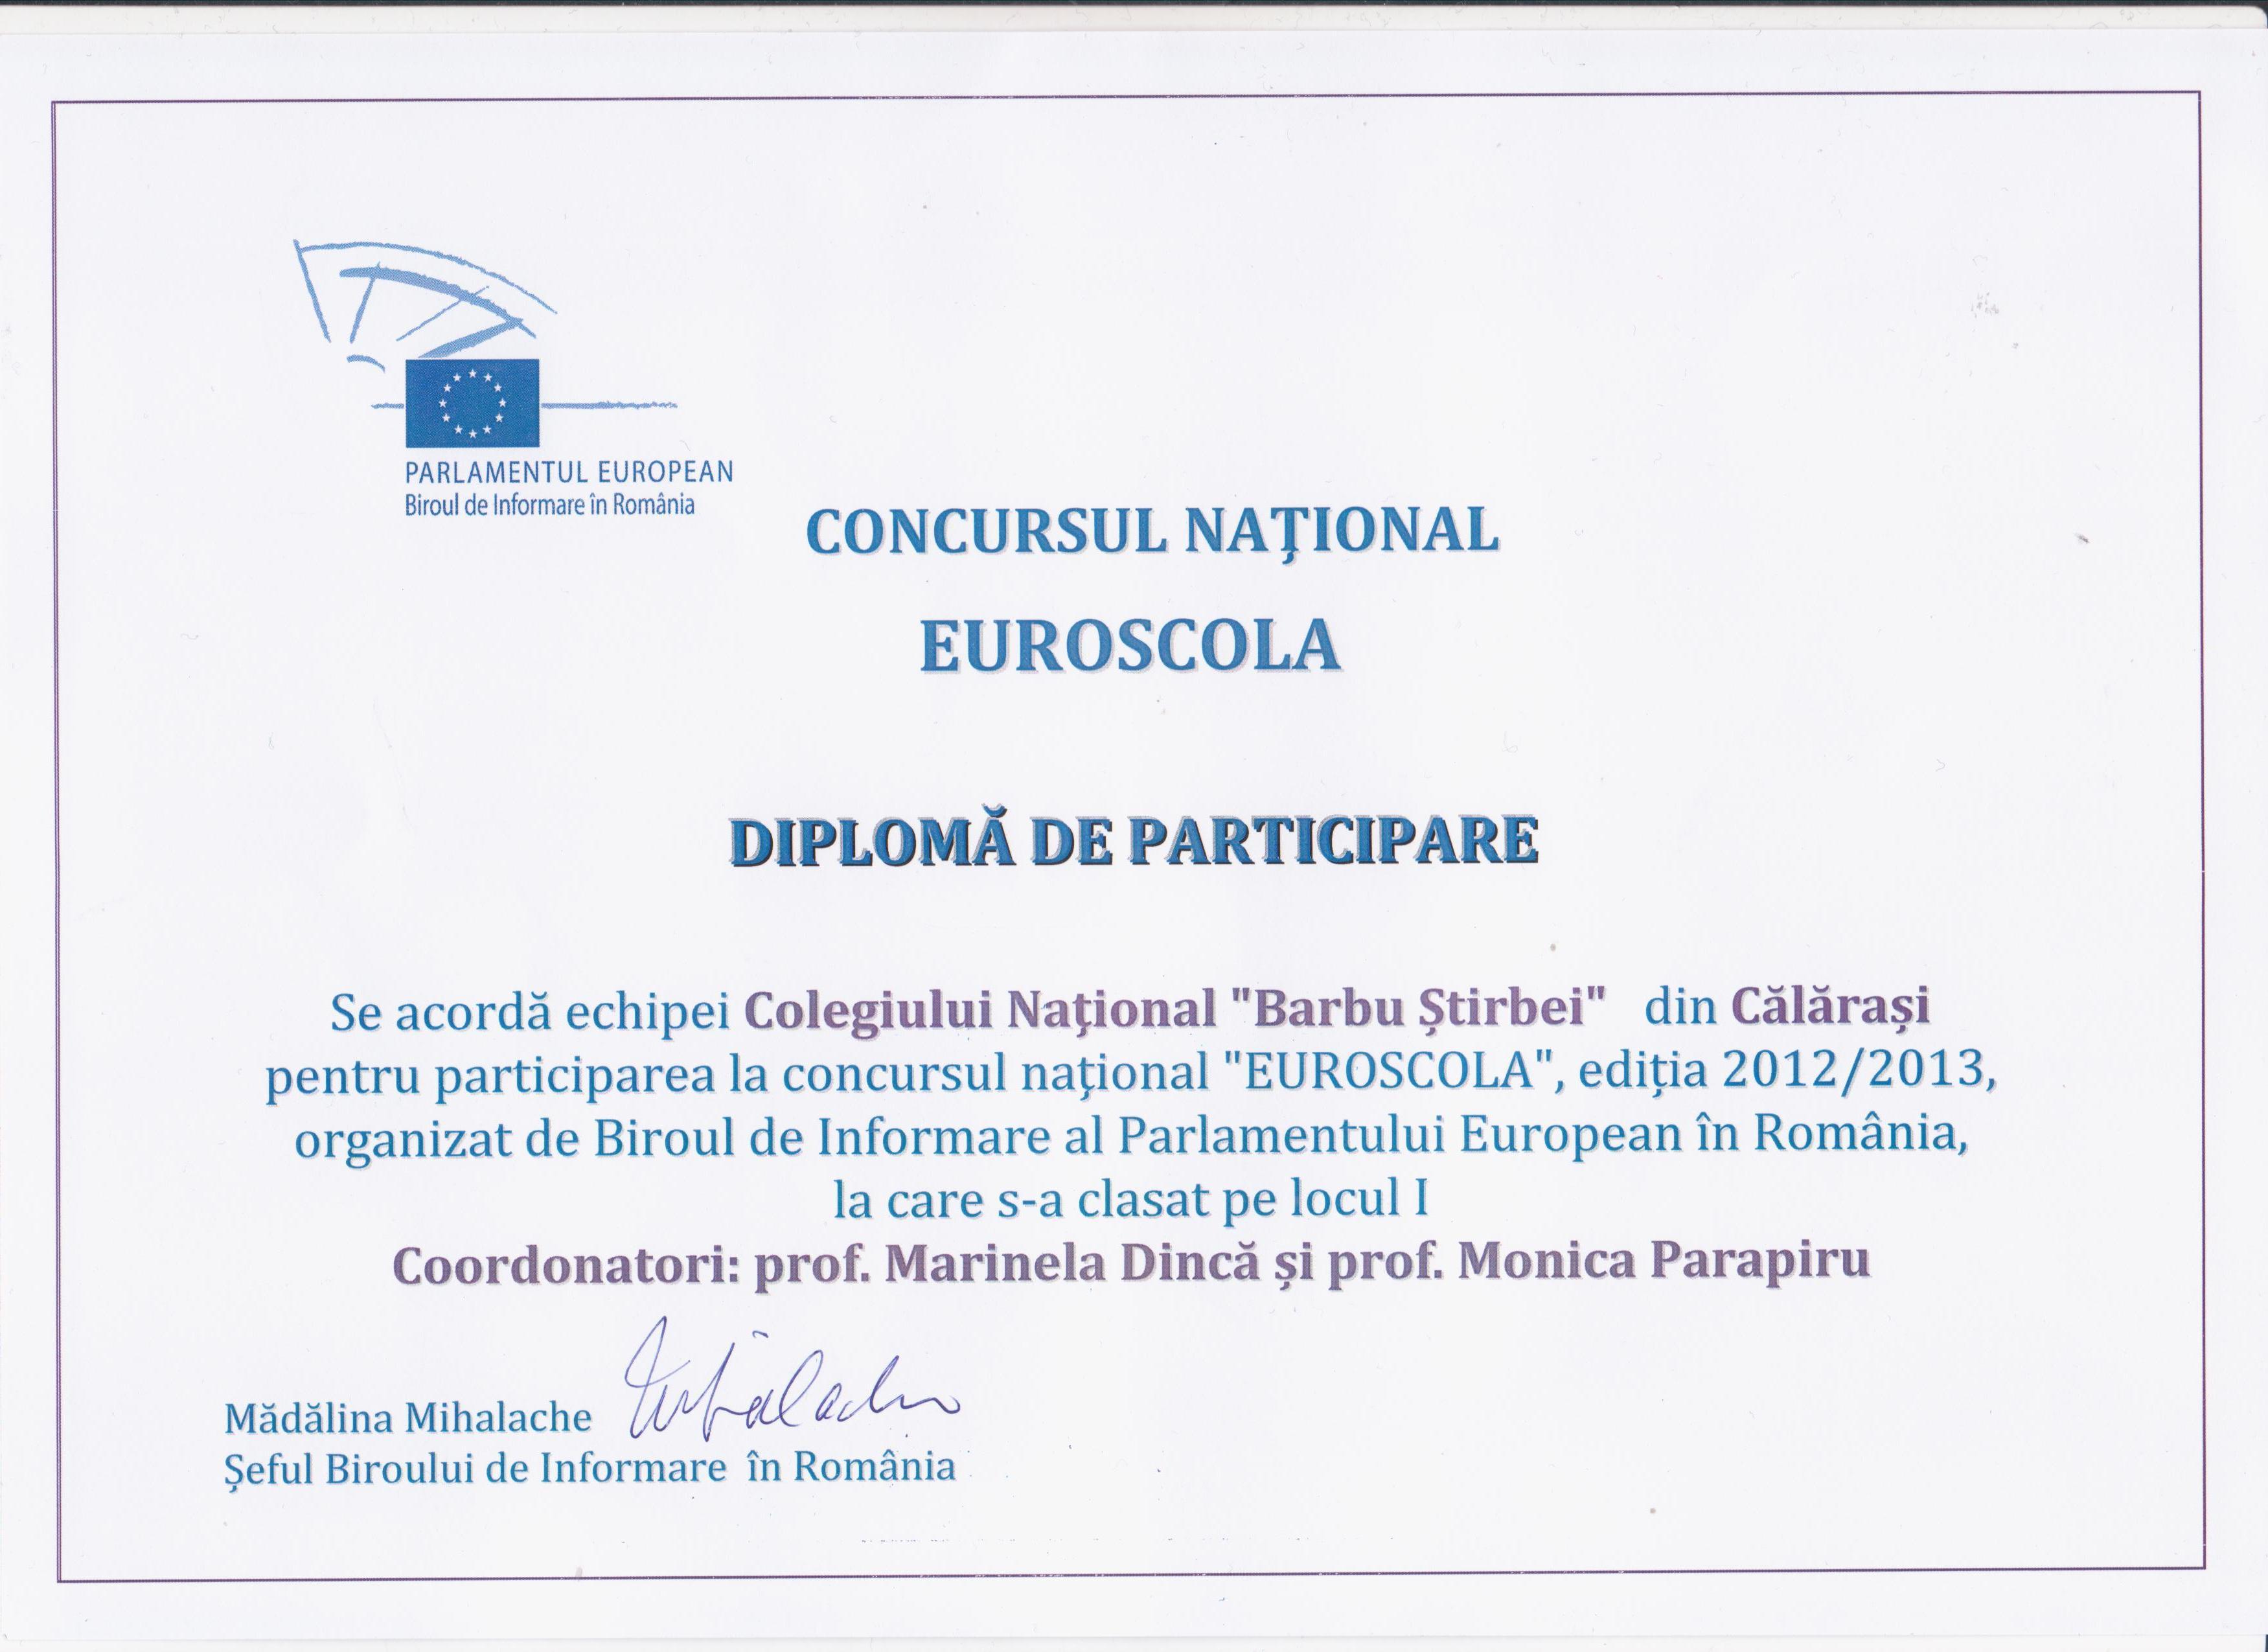 Diploma Euroscola 2012-2013